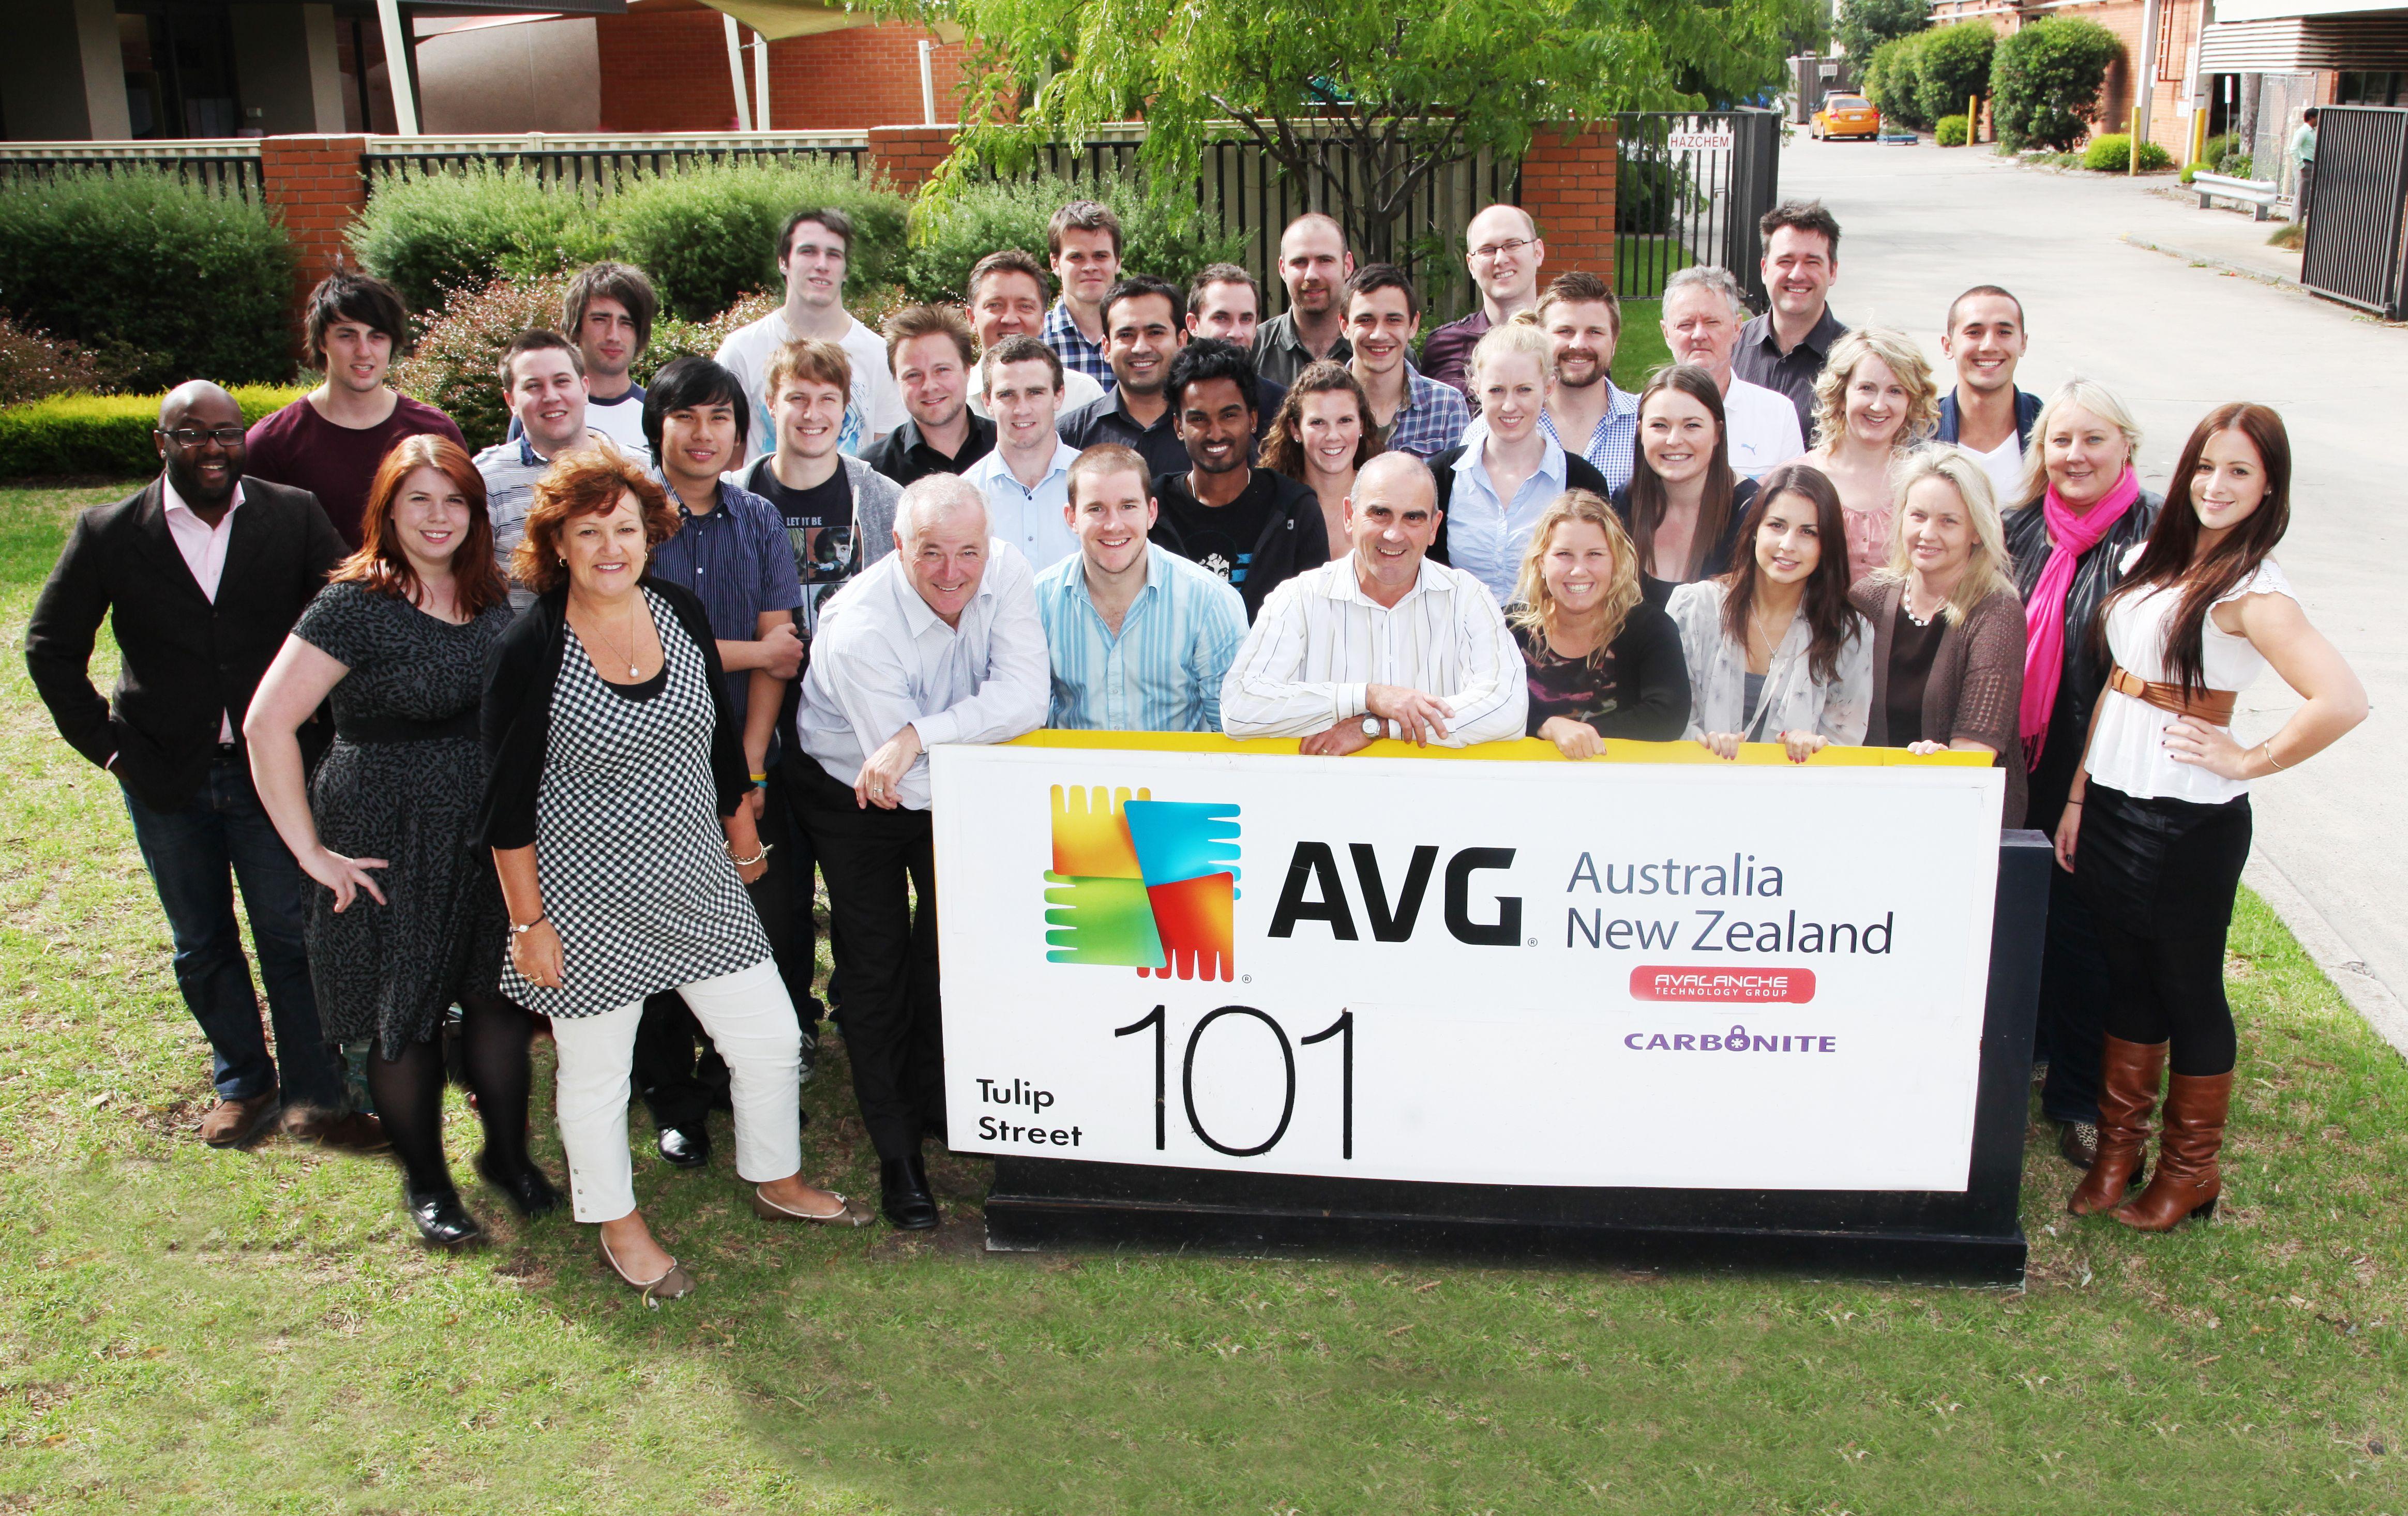 The AVG (AU/NZ) Team!